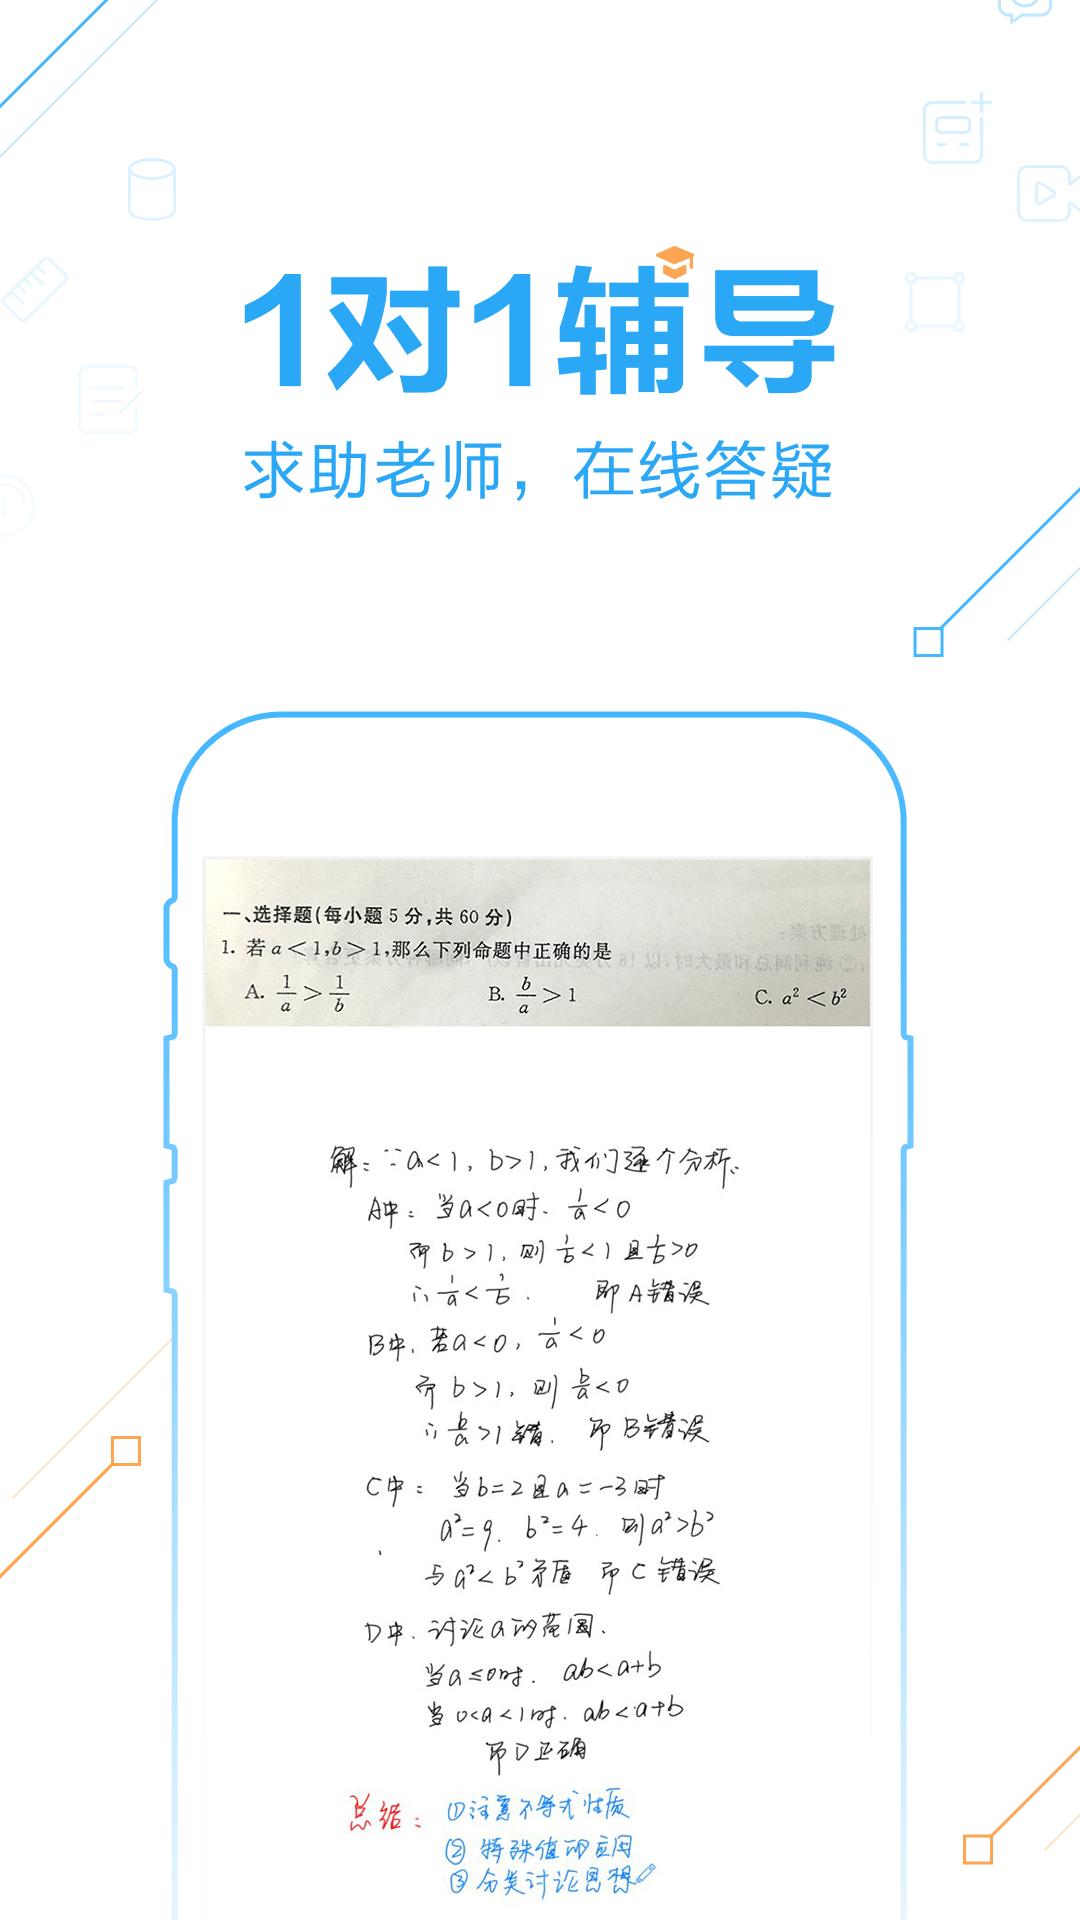 作业帮截图(3)